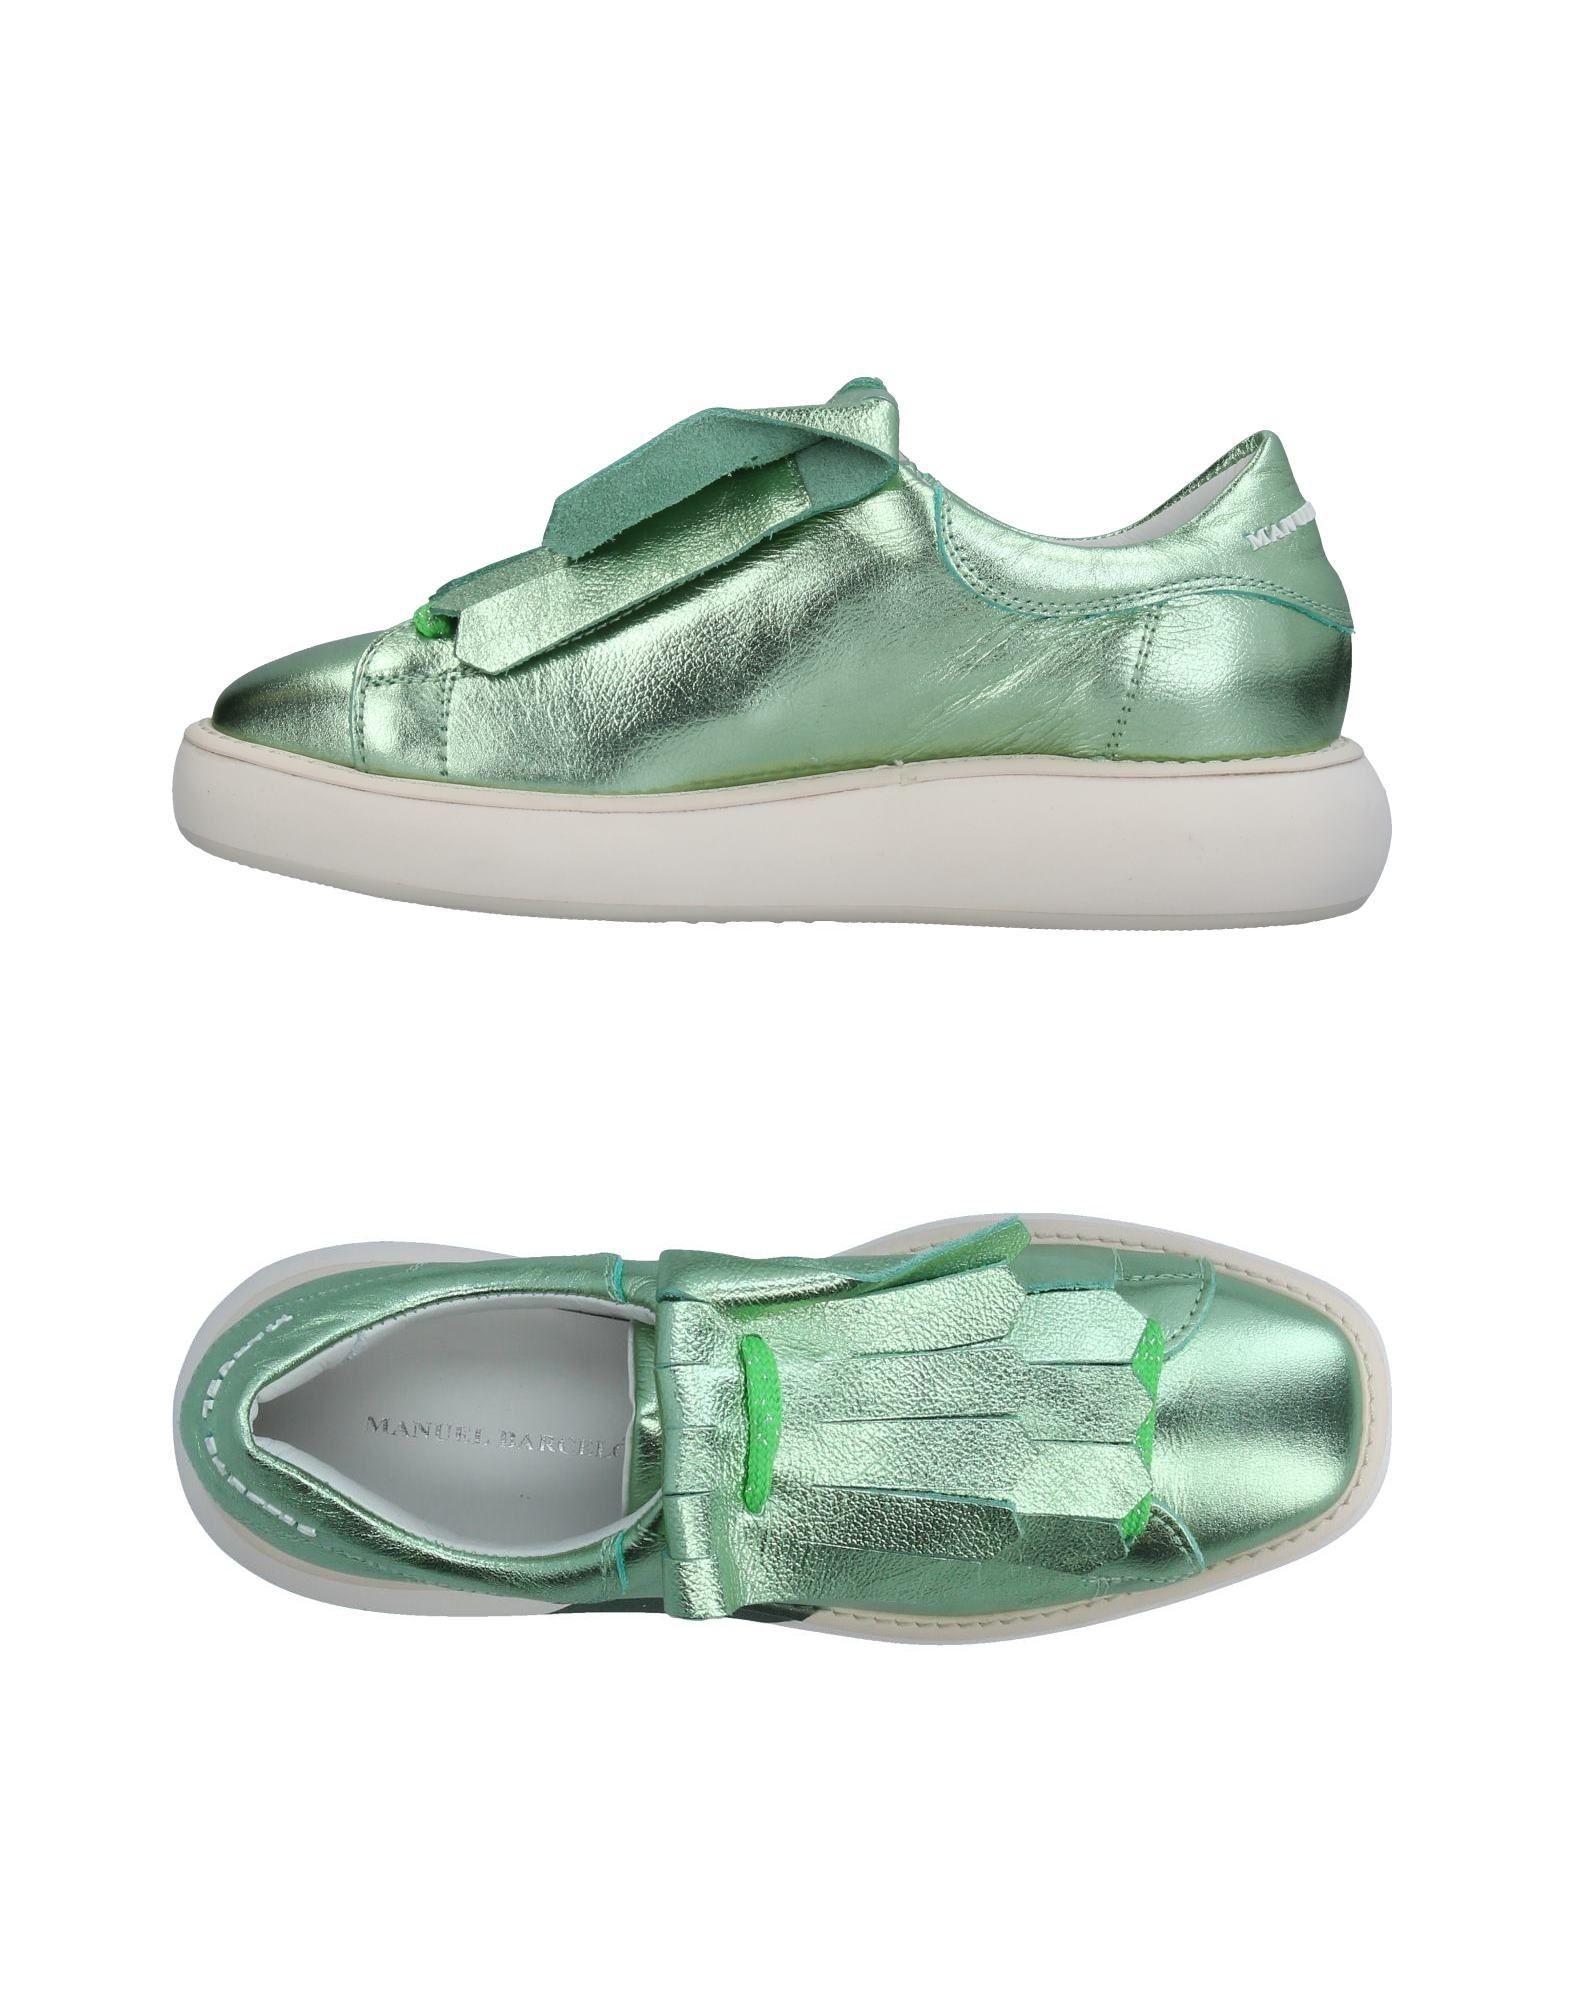 Manuel Barceló  Sneakers Damen  Barceló 11332074XS Gute Qualität beliebte Schuhe e79732